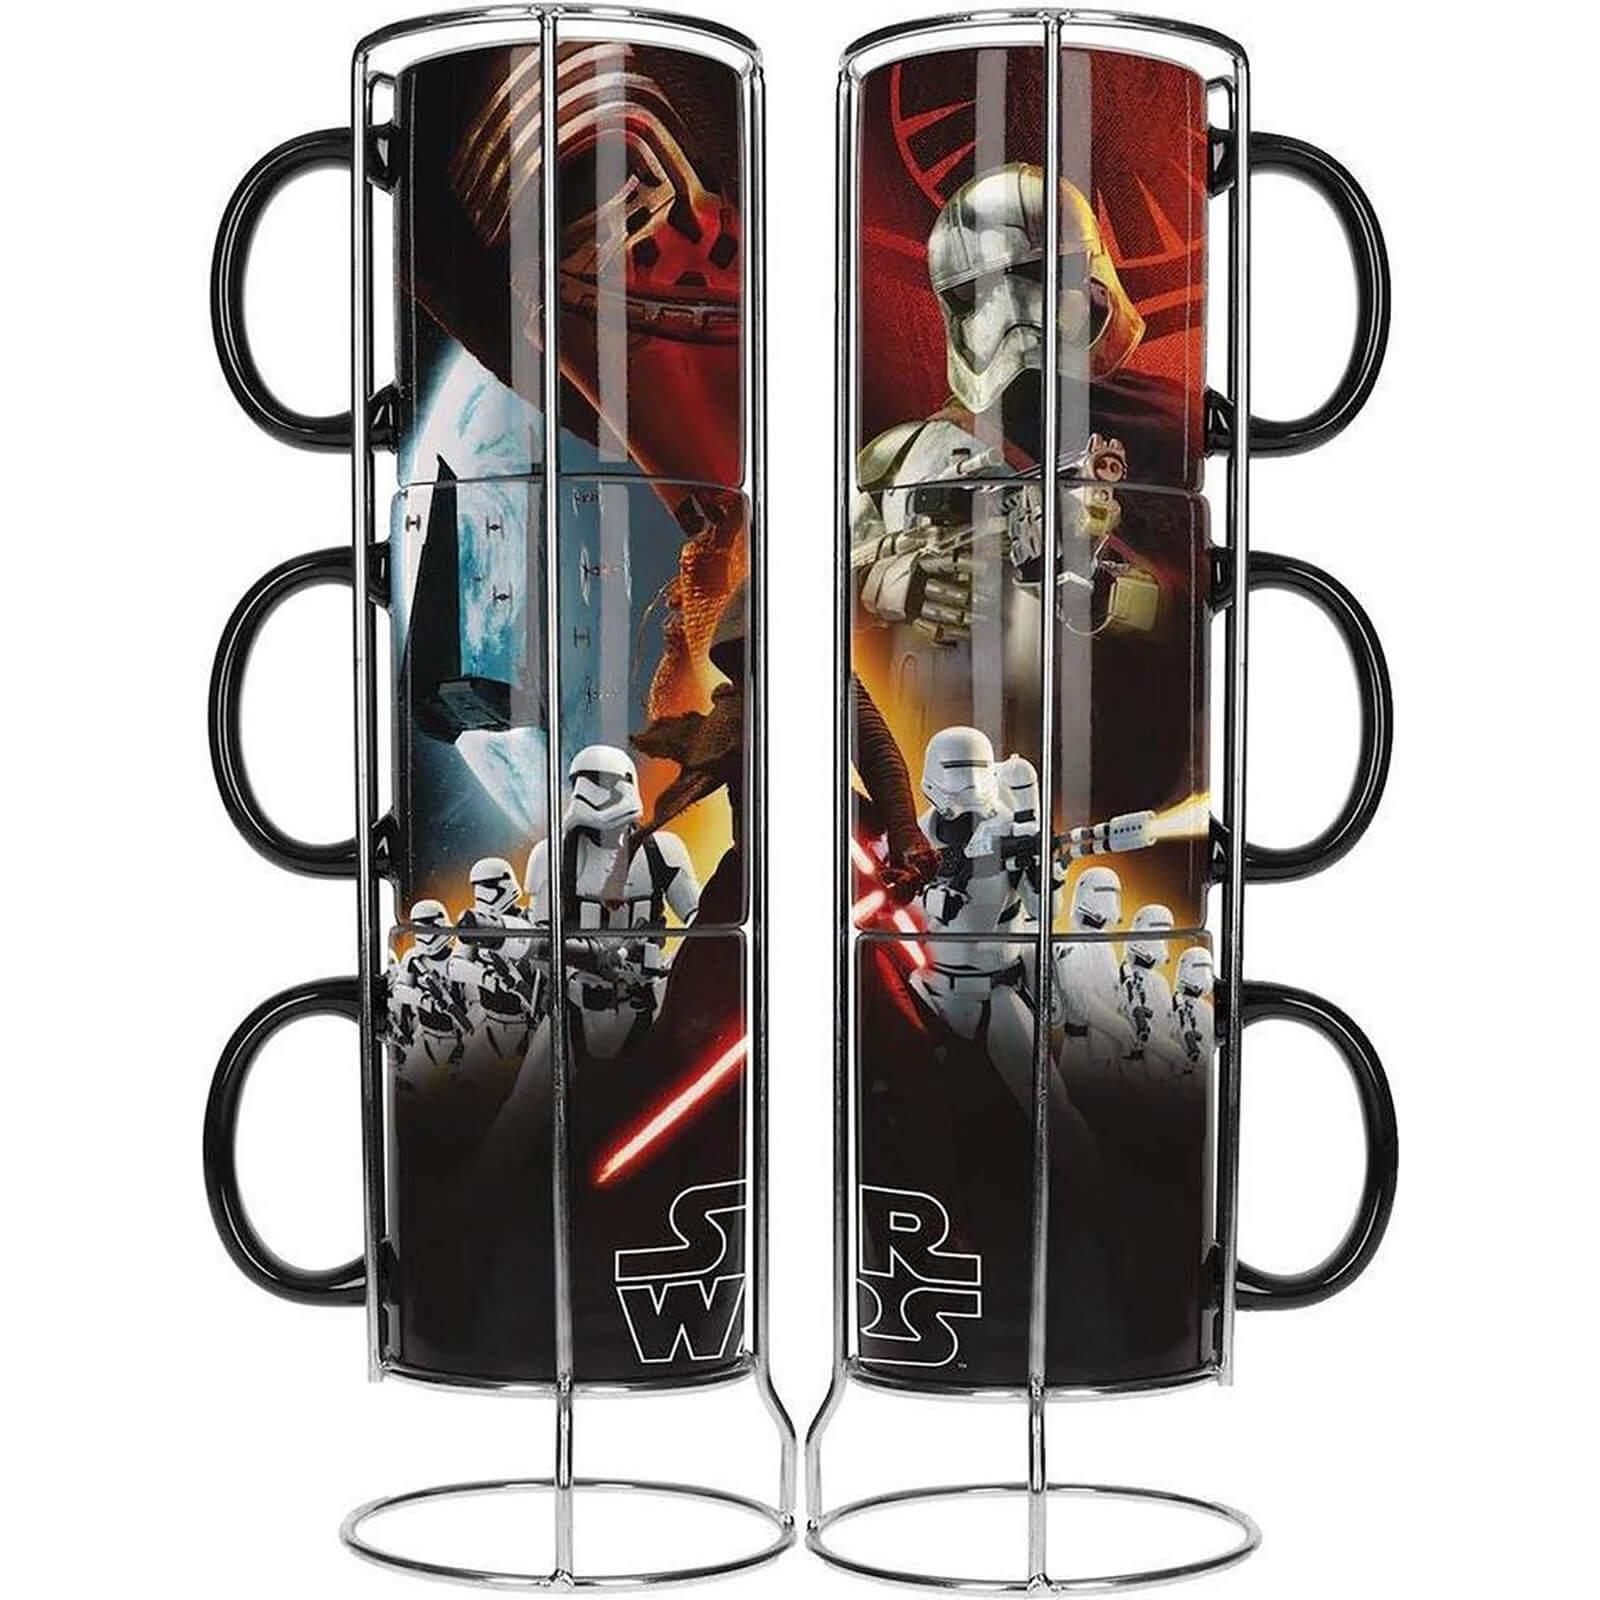 3 Tasses en céramique empilables Star Wars (Black First Order)